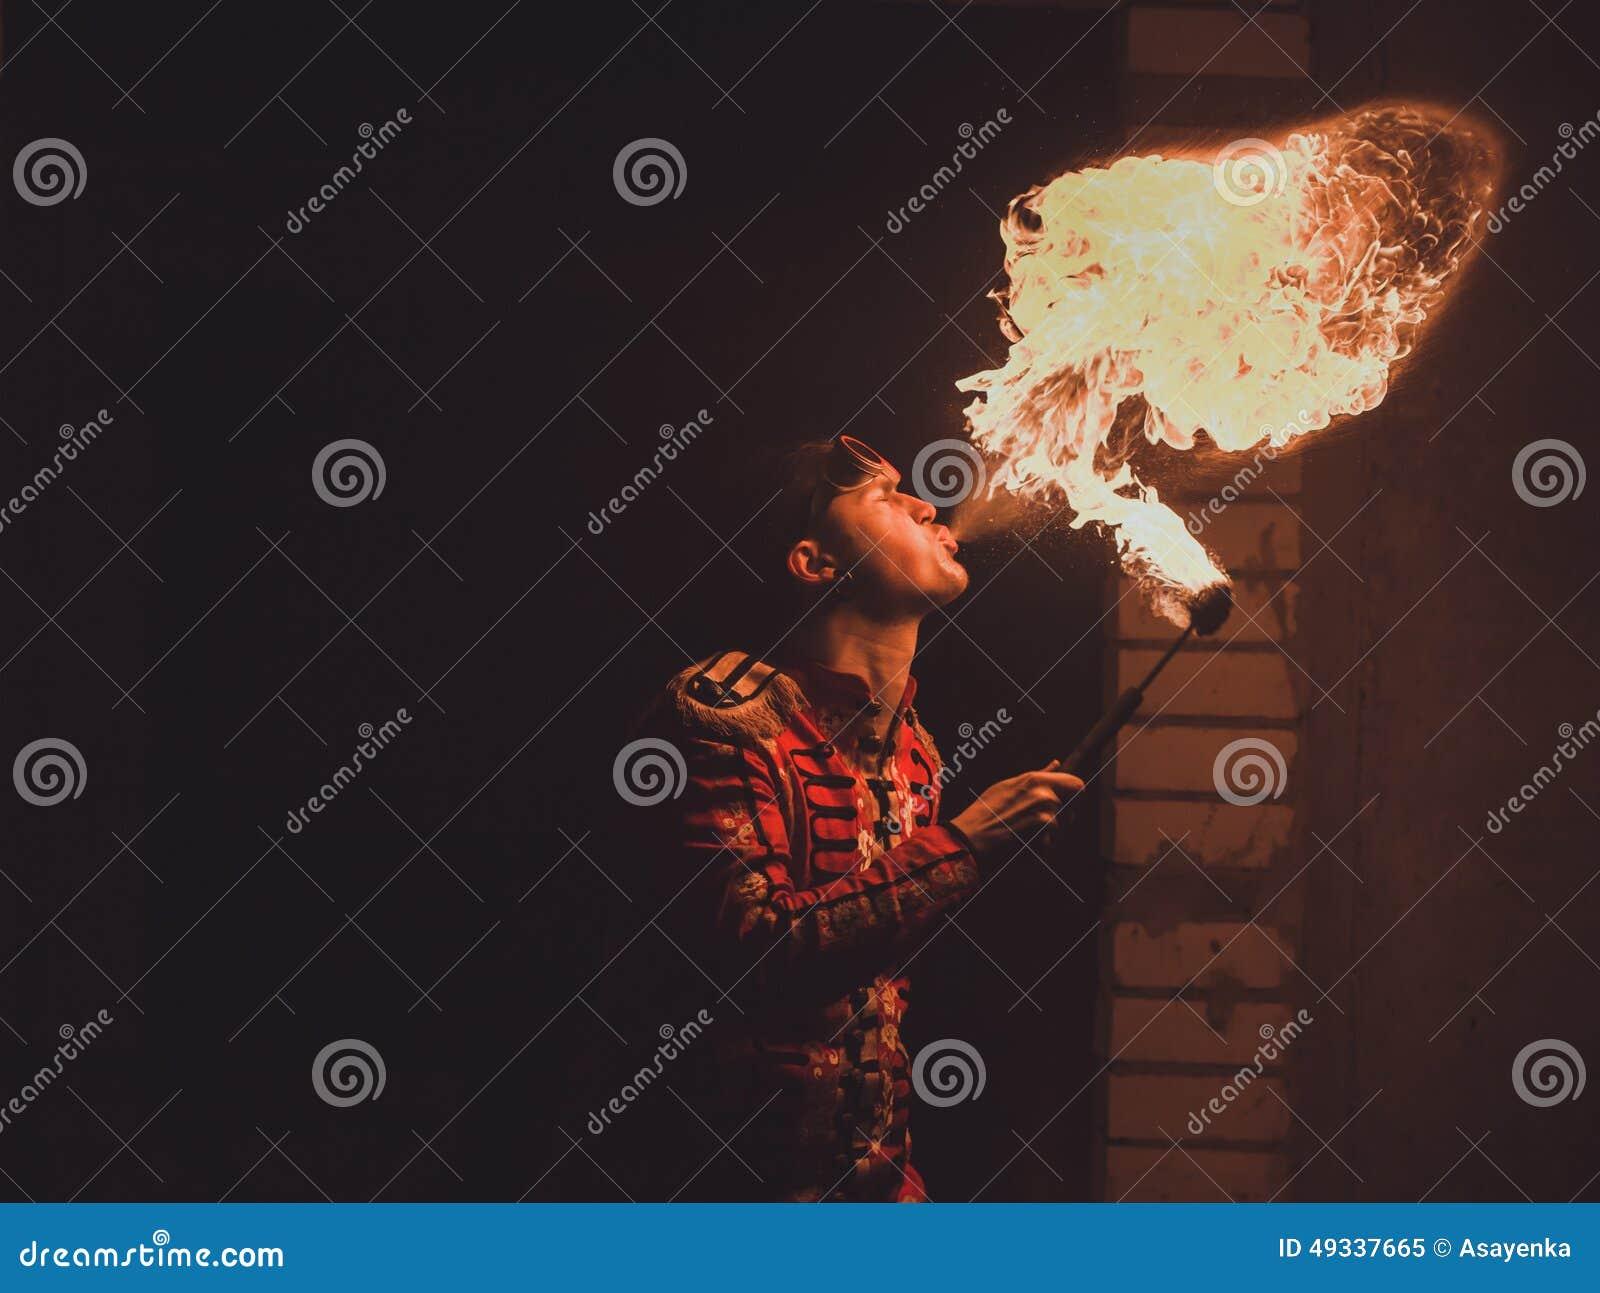 Feuershowkünstler atmen Feuer in der Dunkelheit